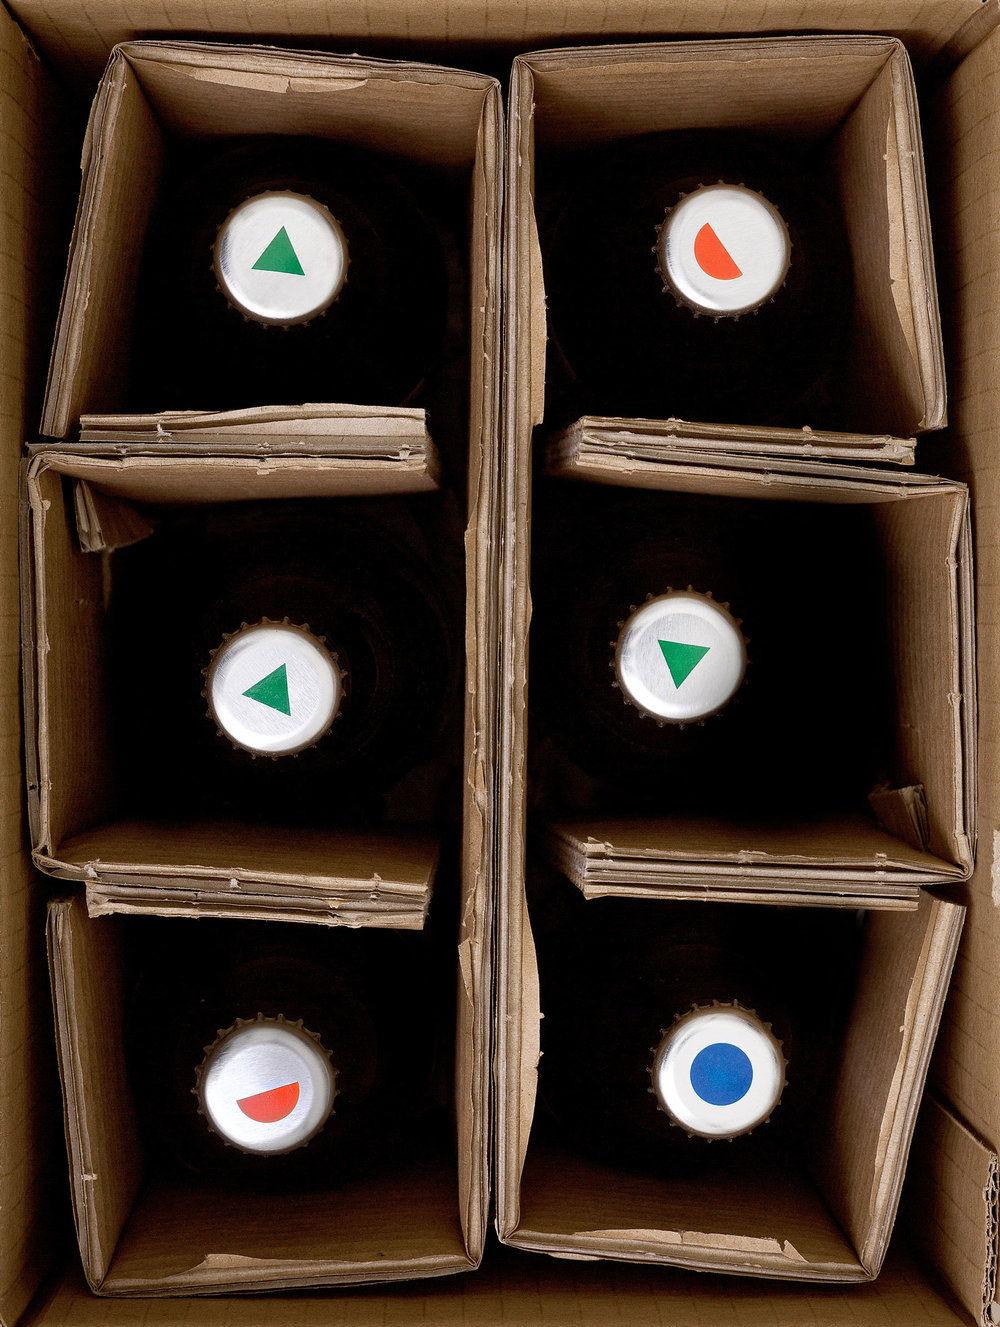 Bedow_St-Erhard_packaging-06.jpg